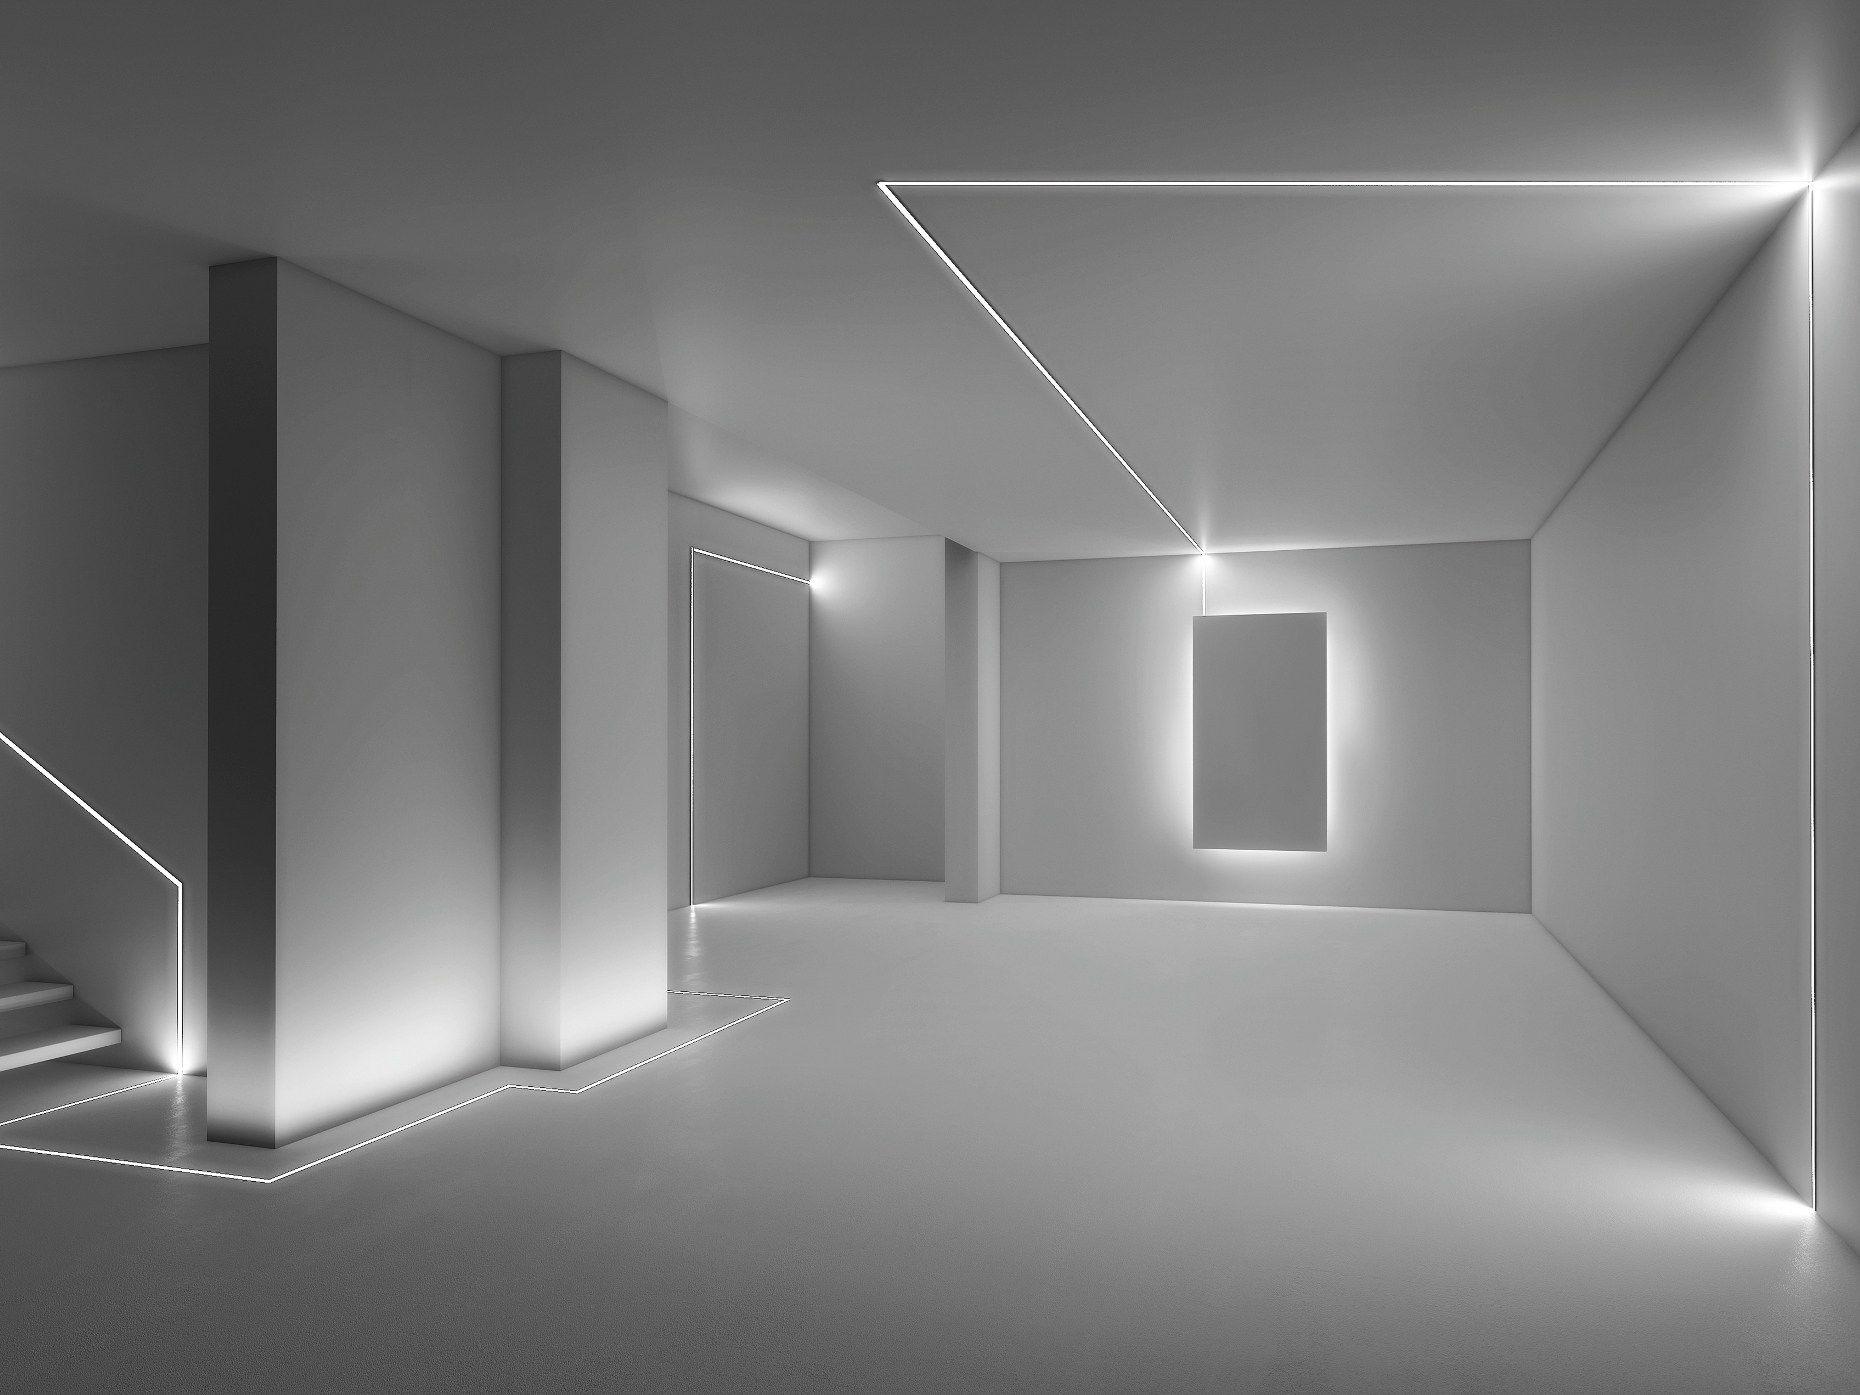 Microfile profilo per illuminazione lineare by lucifero 39 s - Illuminazione da parete design ...